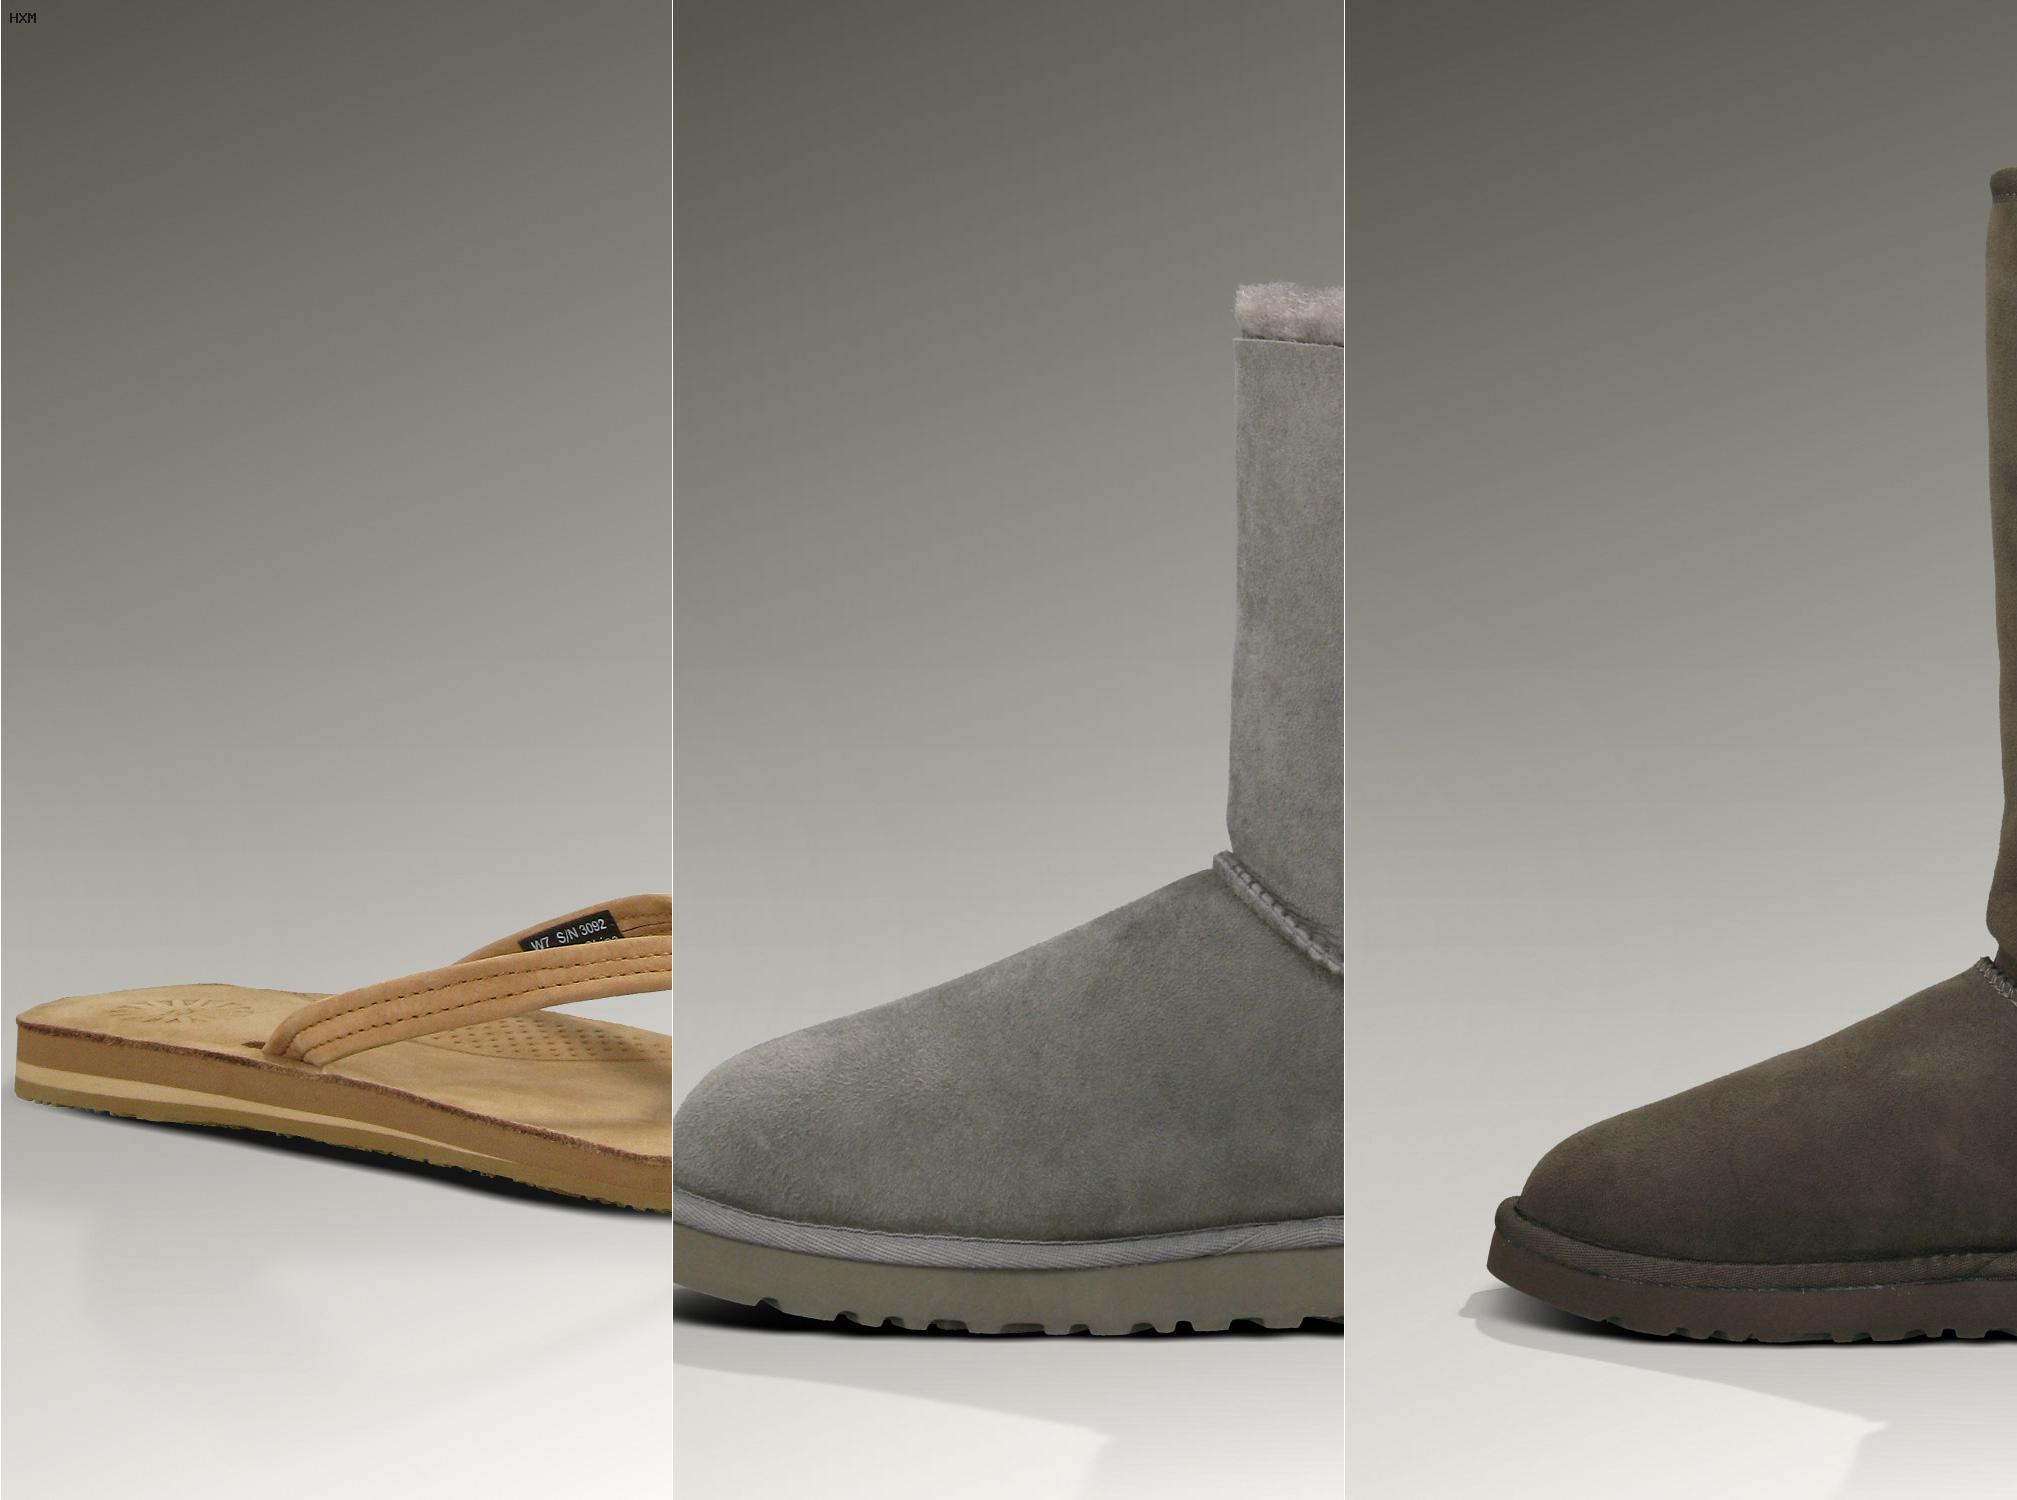 donde comprar botas ugg baratas en madrid